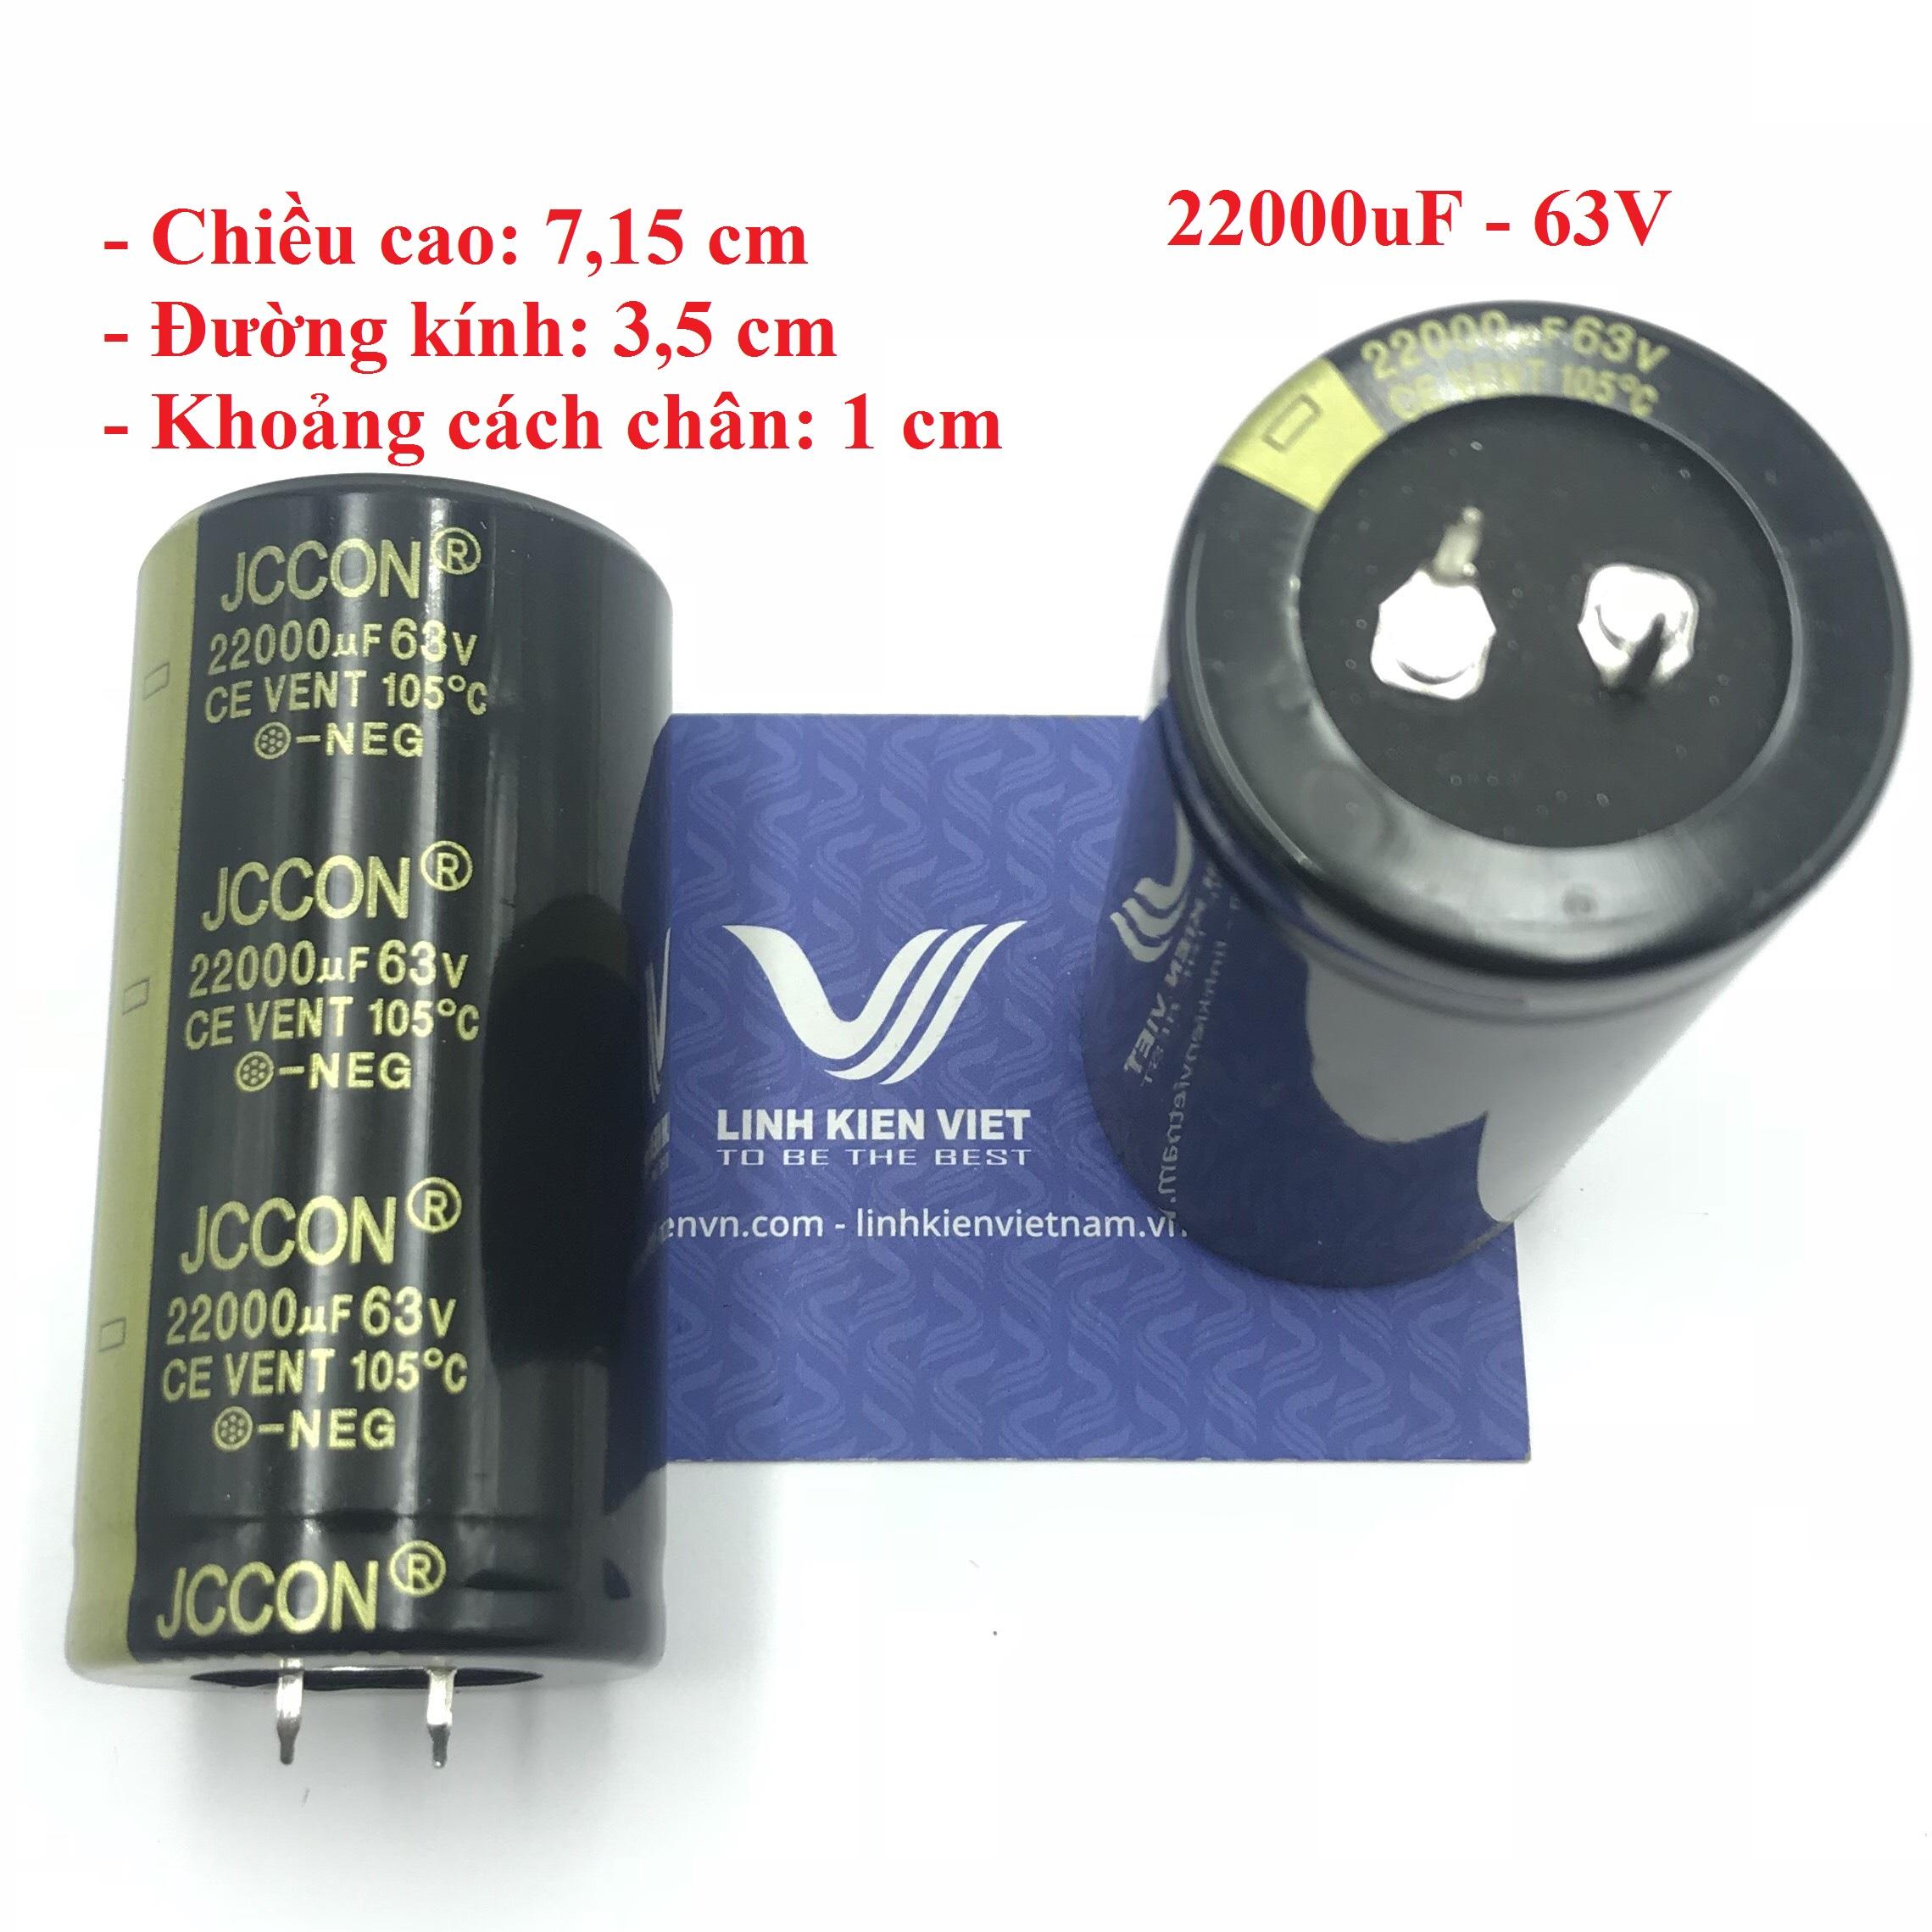 Tụ Hóa JCCON 22000uF 63V loại tốt - X4H19